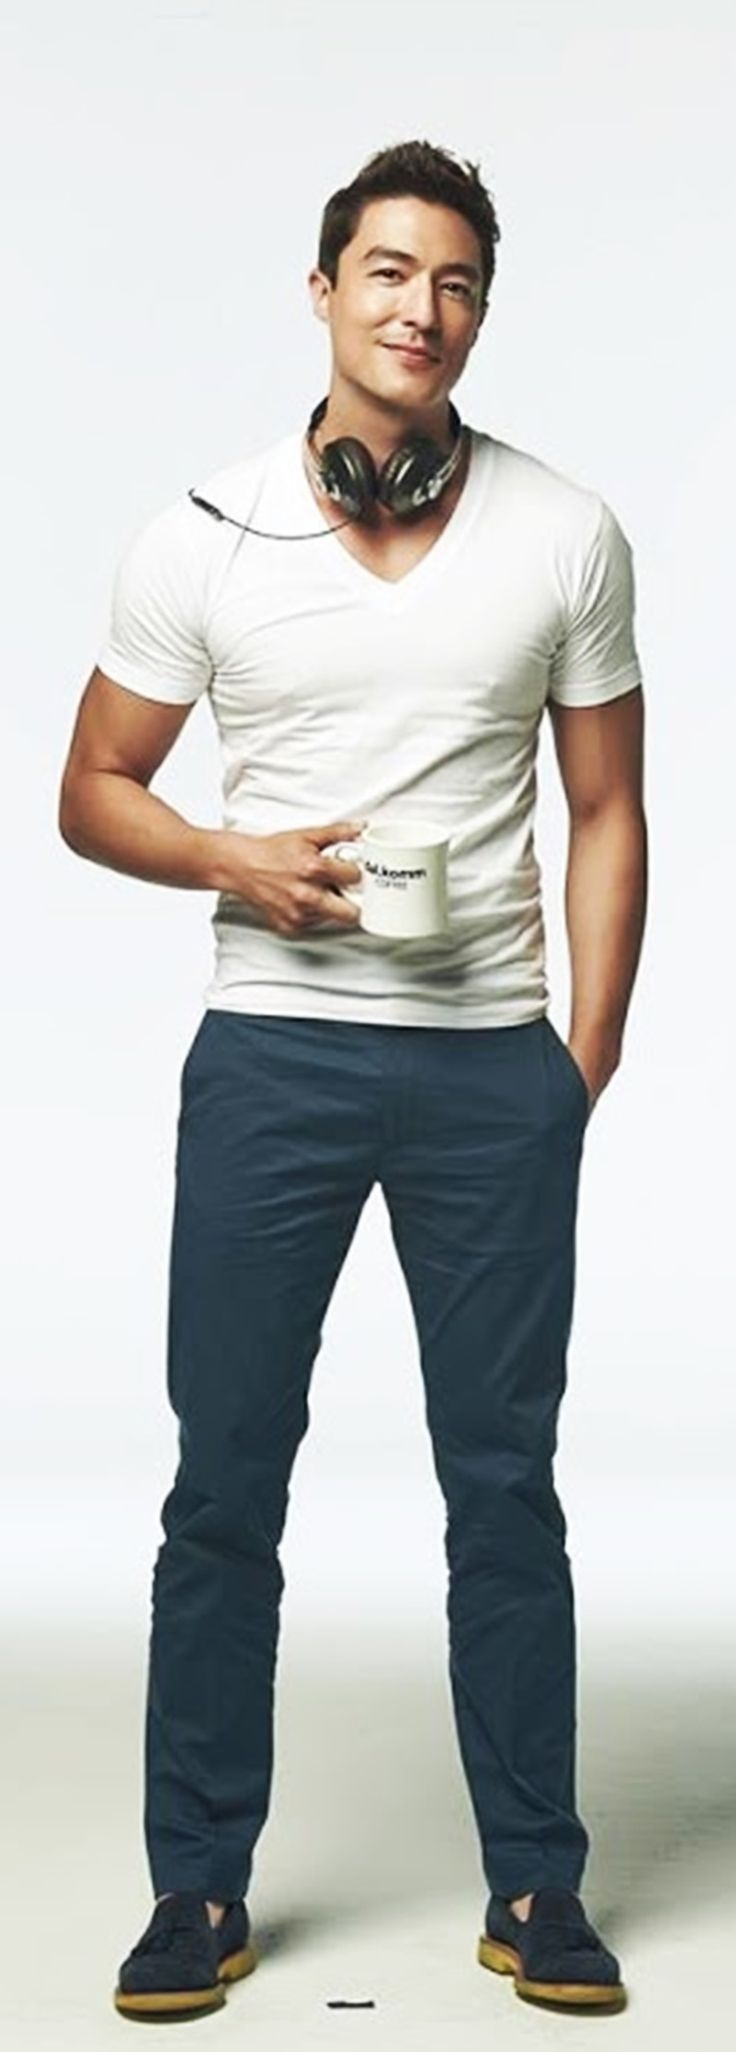 So schlicht geht Stil. Hose und Schuhe in der passenden Farbe, dazu ein einfaches V-Neck-Shirt in Weiß.